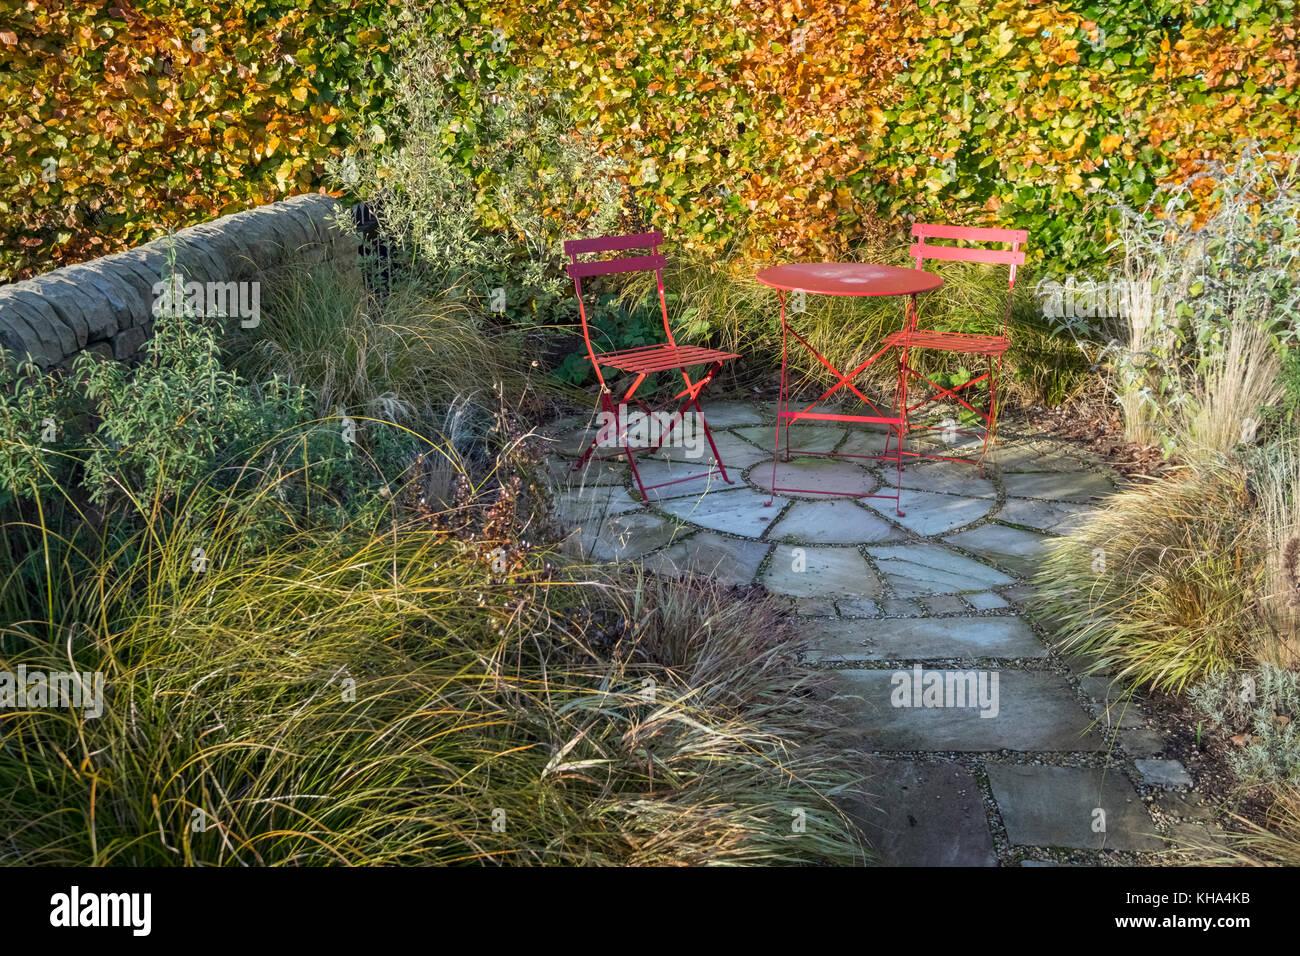 Kleiner Garten Terrasse Mit Pflastersteine Und Esstisch Mit Stuhlen